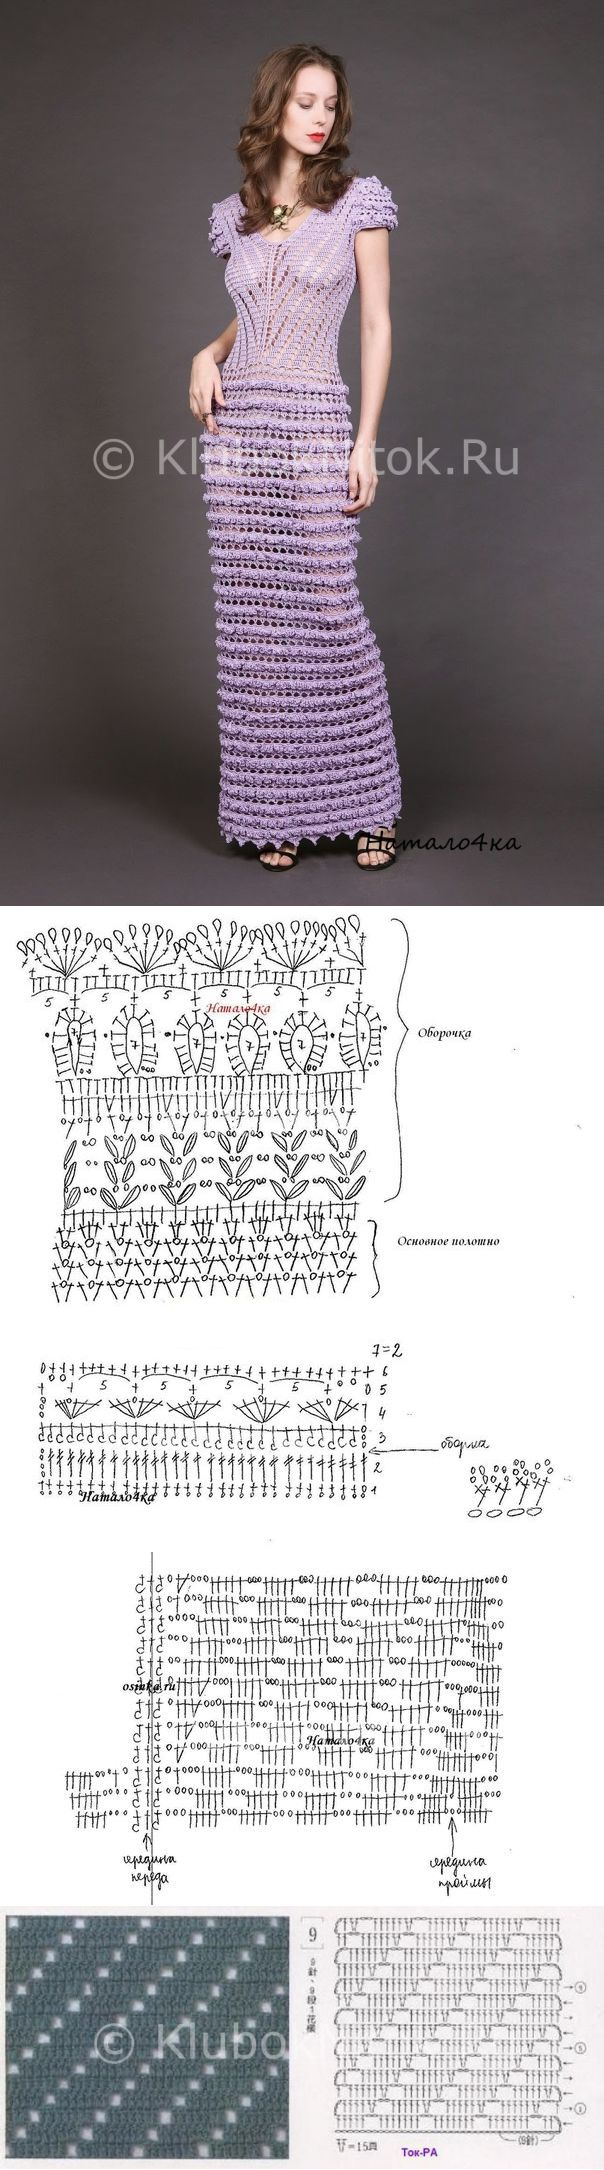 Платье от ALZIRA VIEIRA   Вязание для женщин   Вязание спицами и крючком. Схемы…